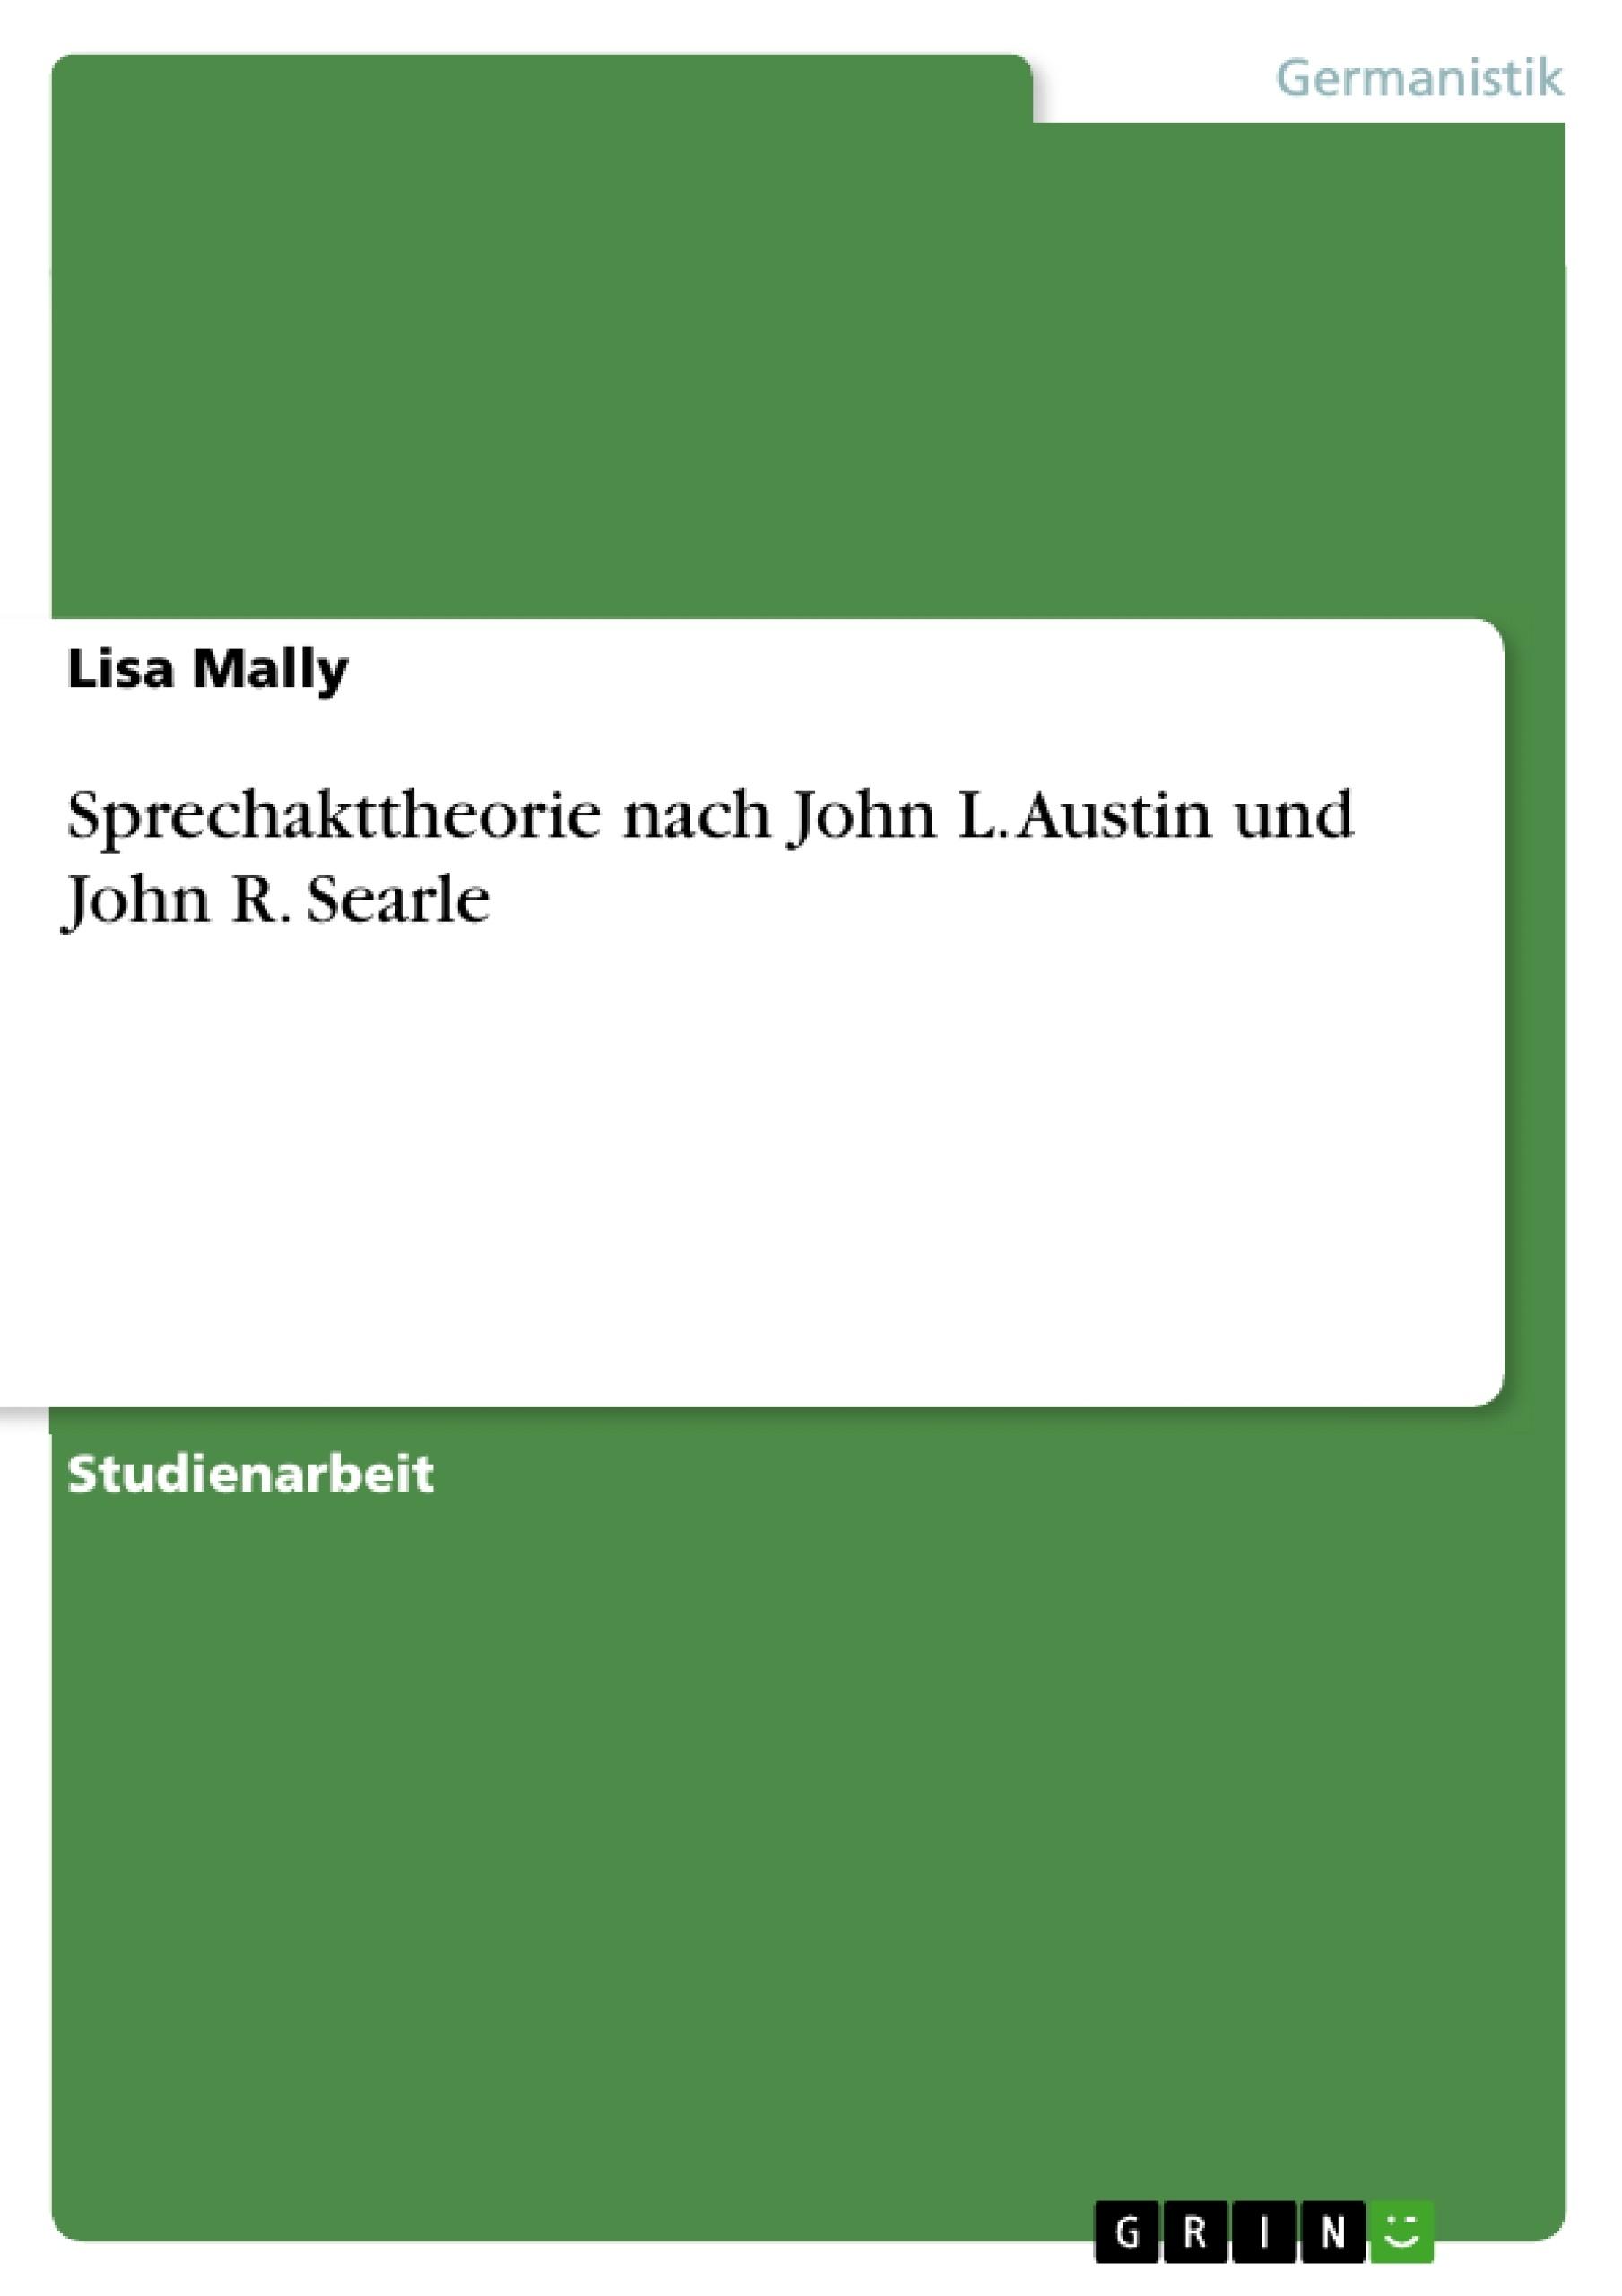 Titel: Sprechakttheorie nach John L. Austin und John R. Searle